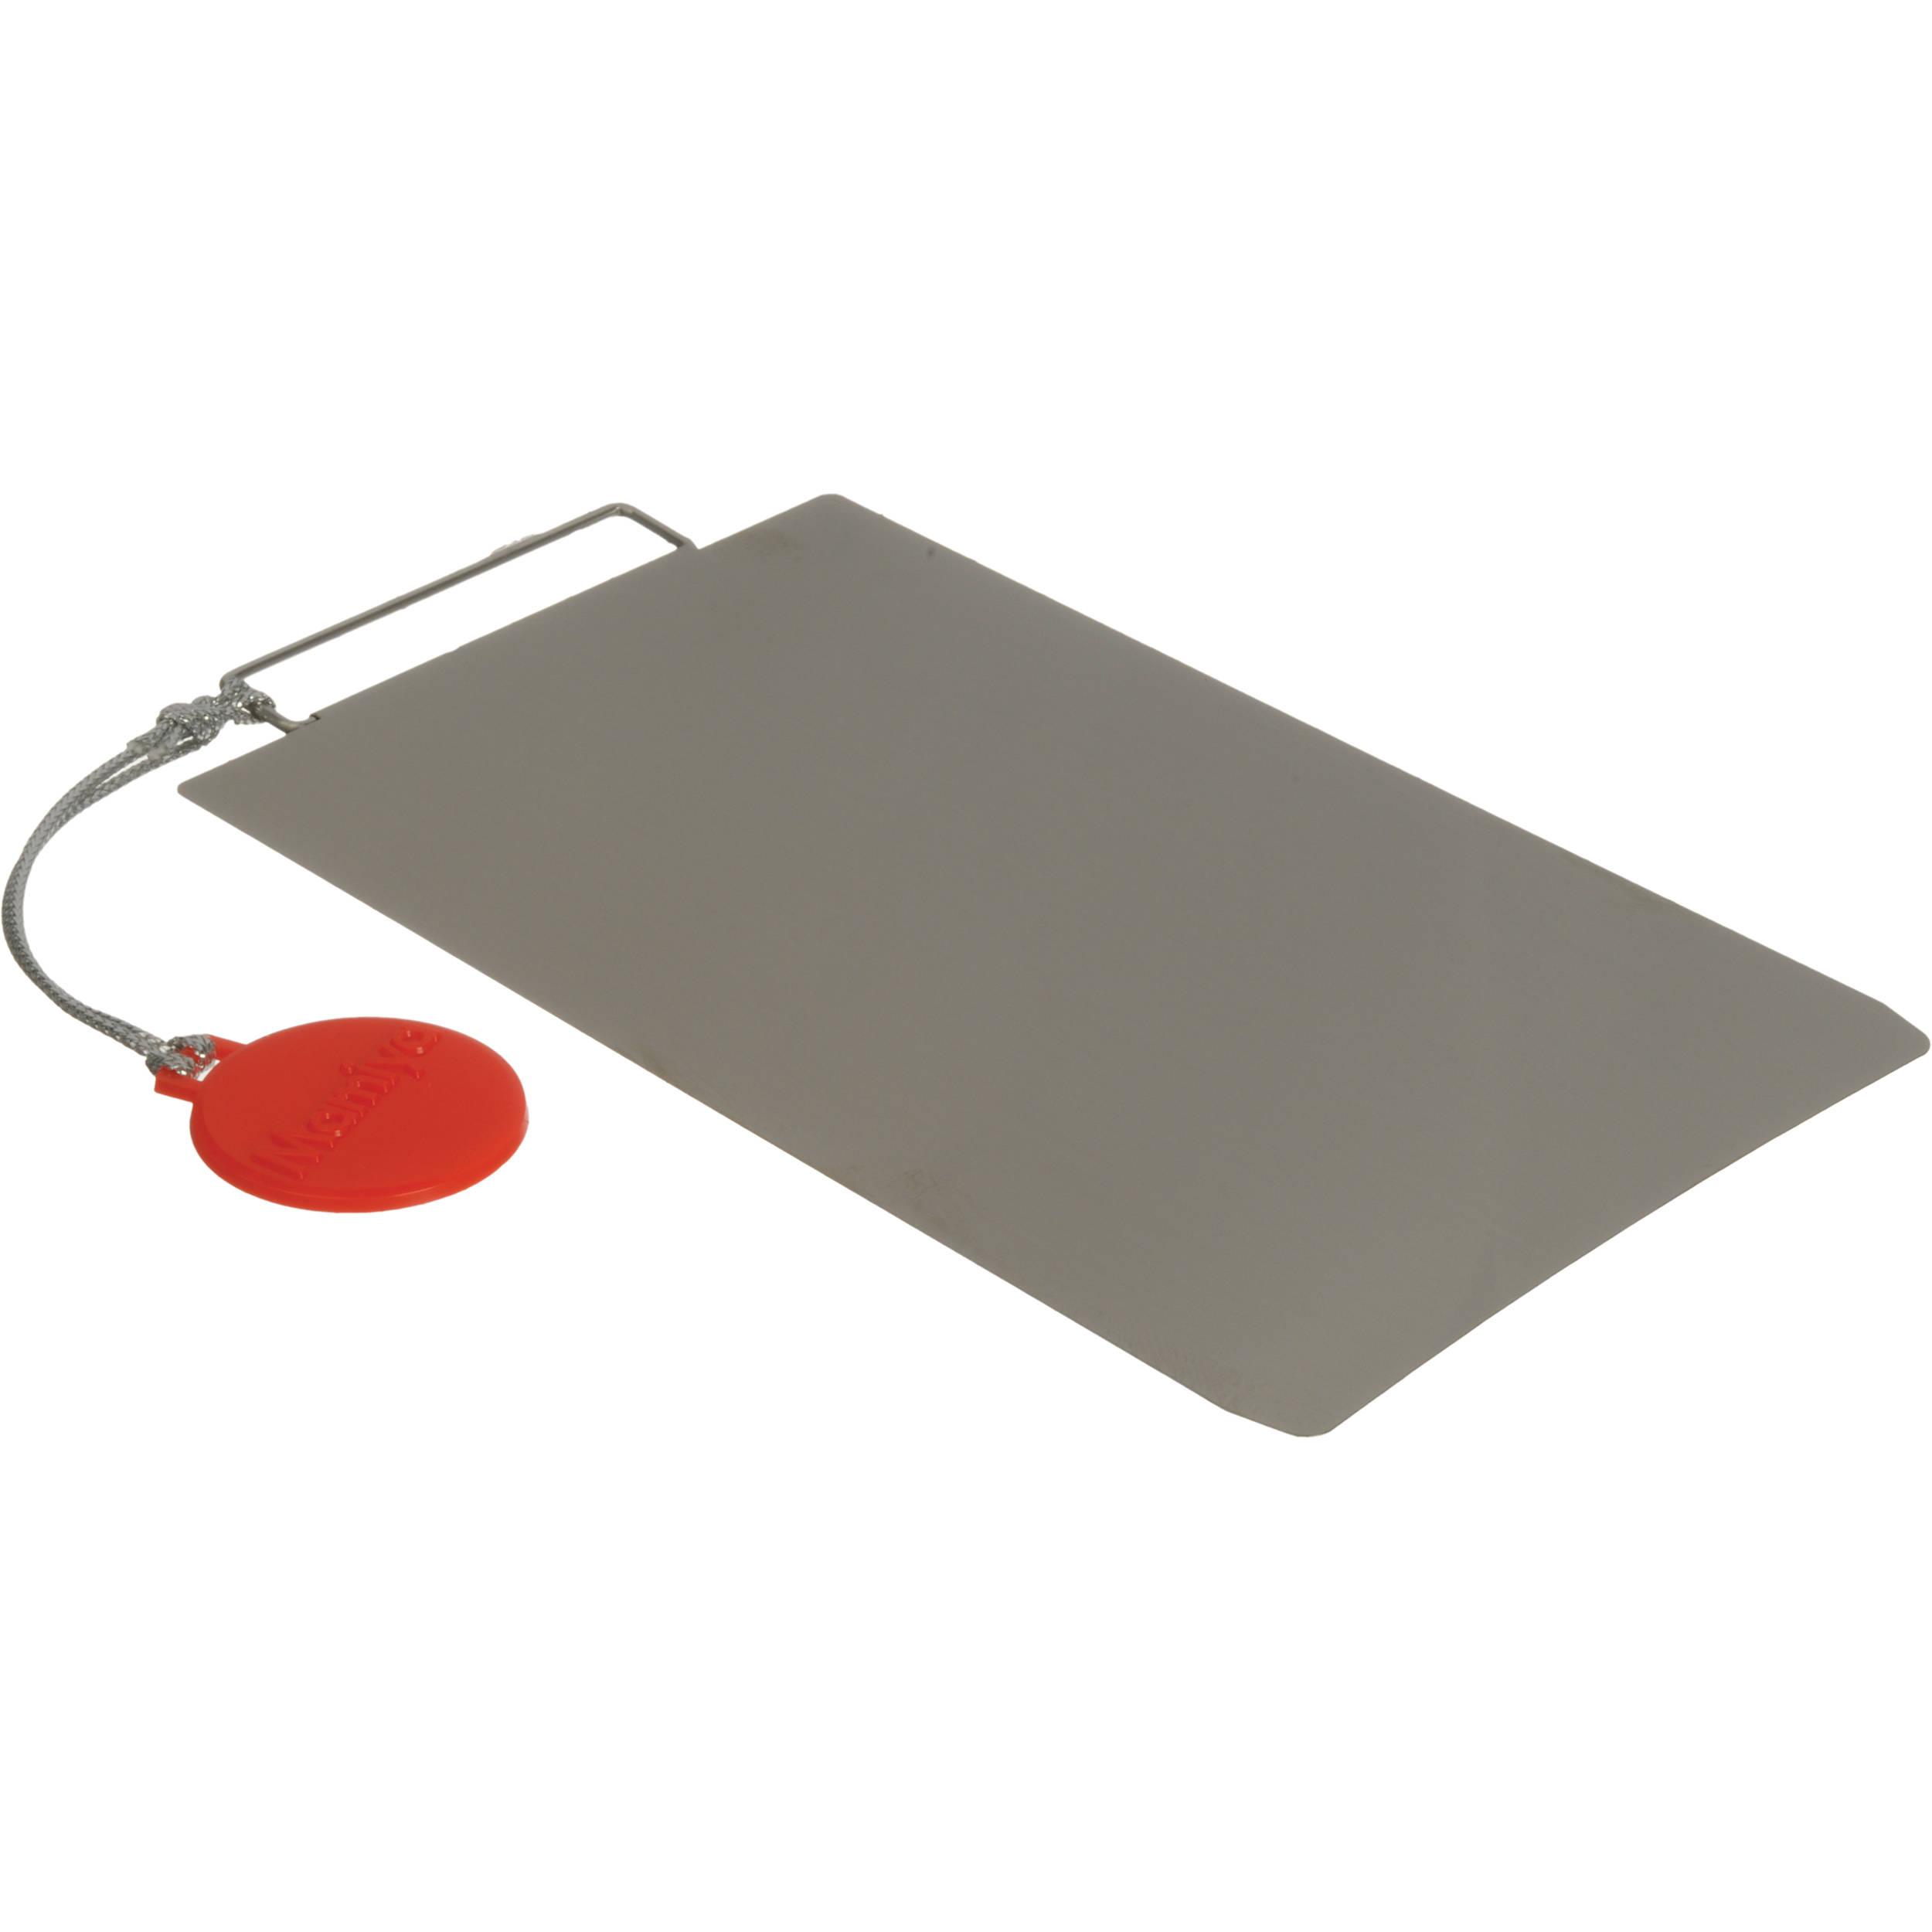 mamiya dark slide for polaroid pack film holder for rb67 213 464